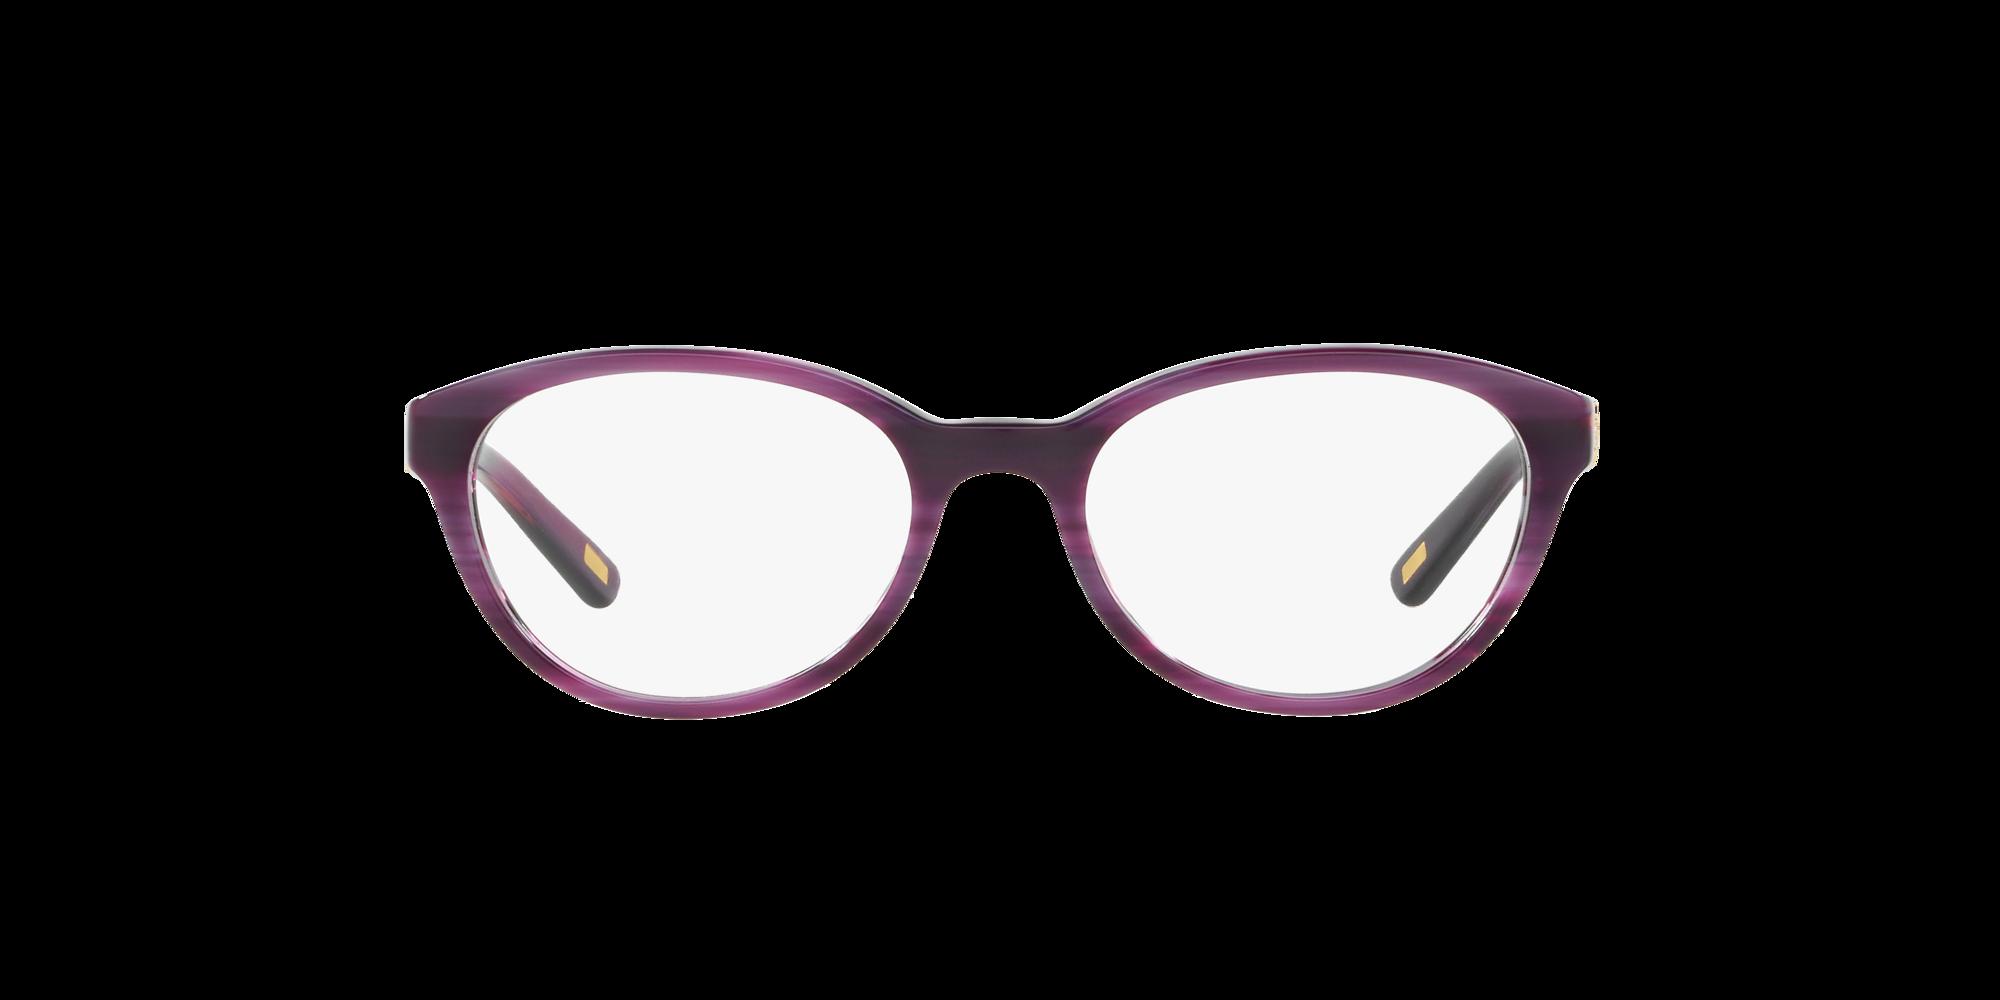 Imagen para REF ARTICLE 010505 de LensCrafters |  Espejuelos, espejuelos graduados en línea, gafas